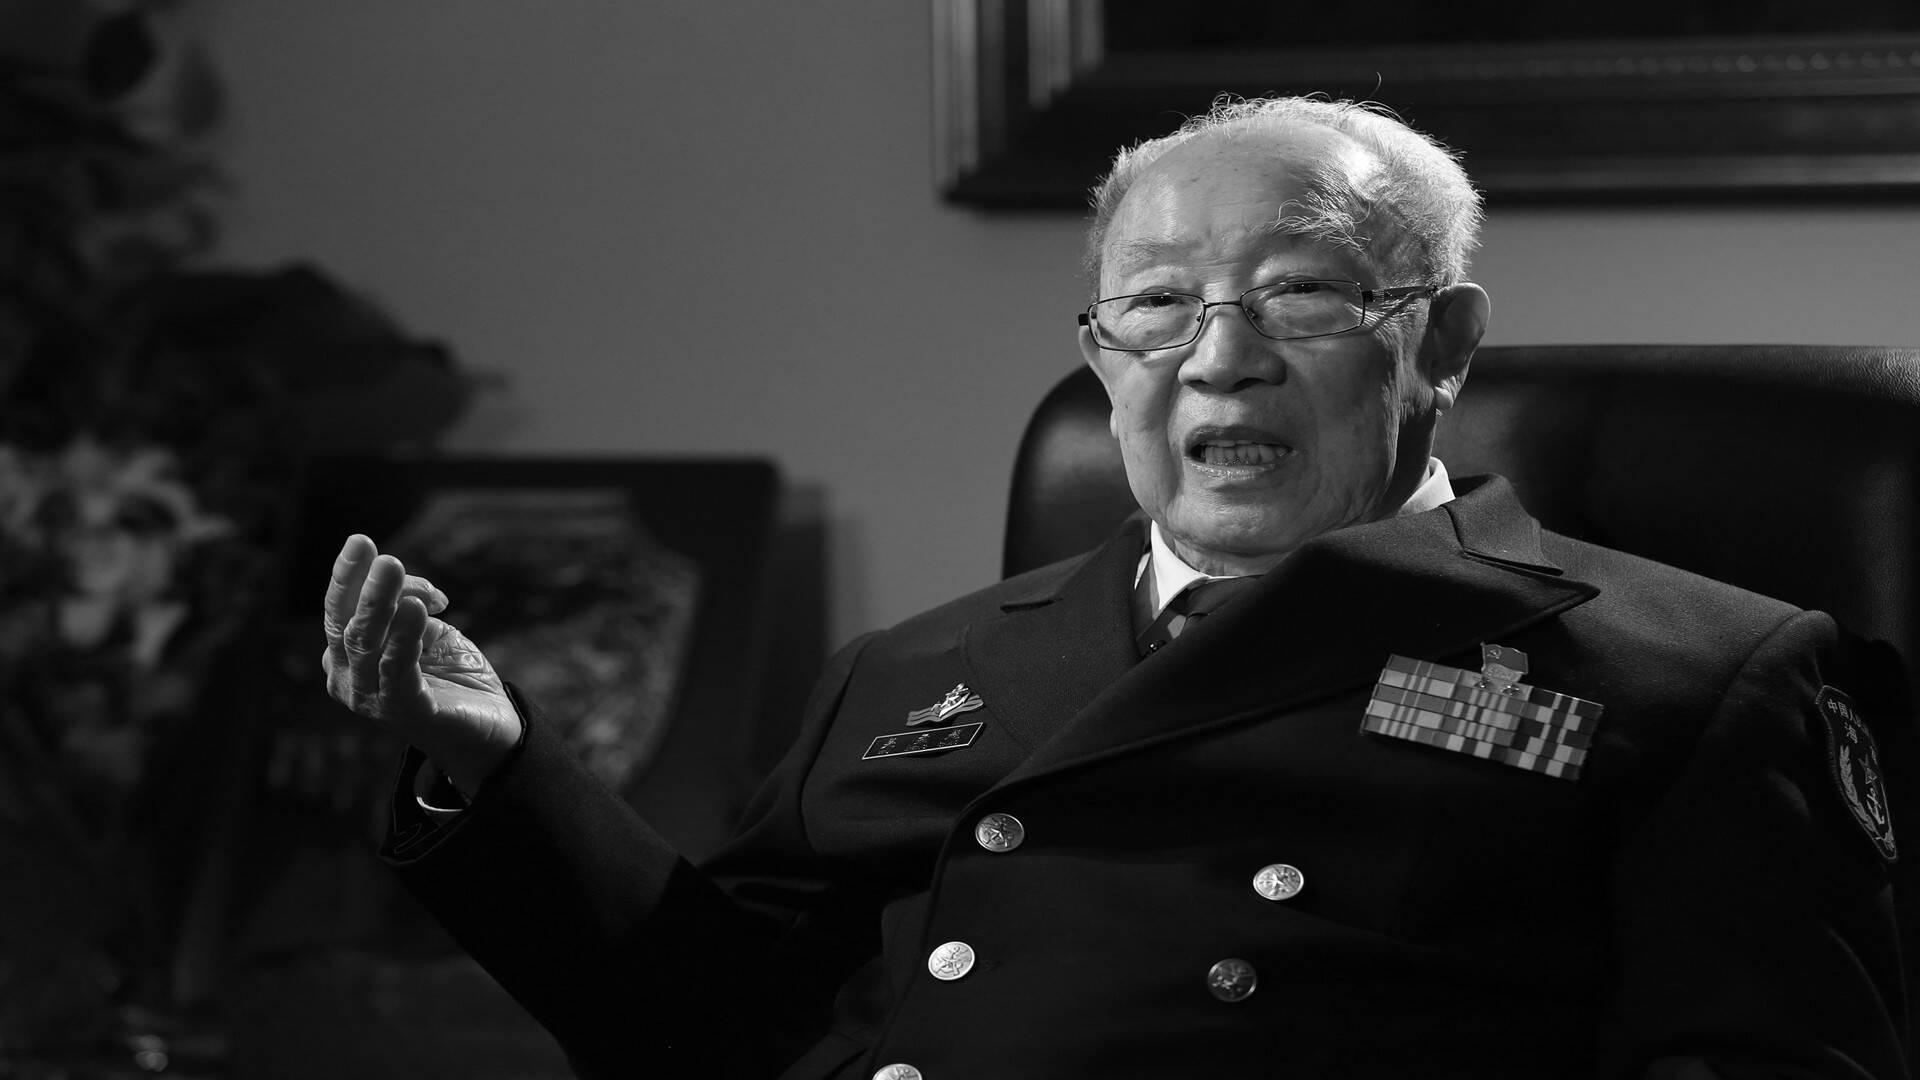 吴孟超院士曾接受山东台专访:救治病人就不要怕担风险